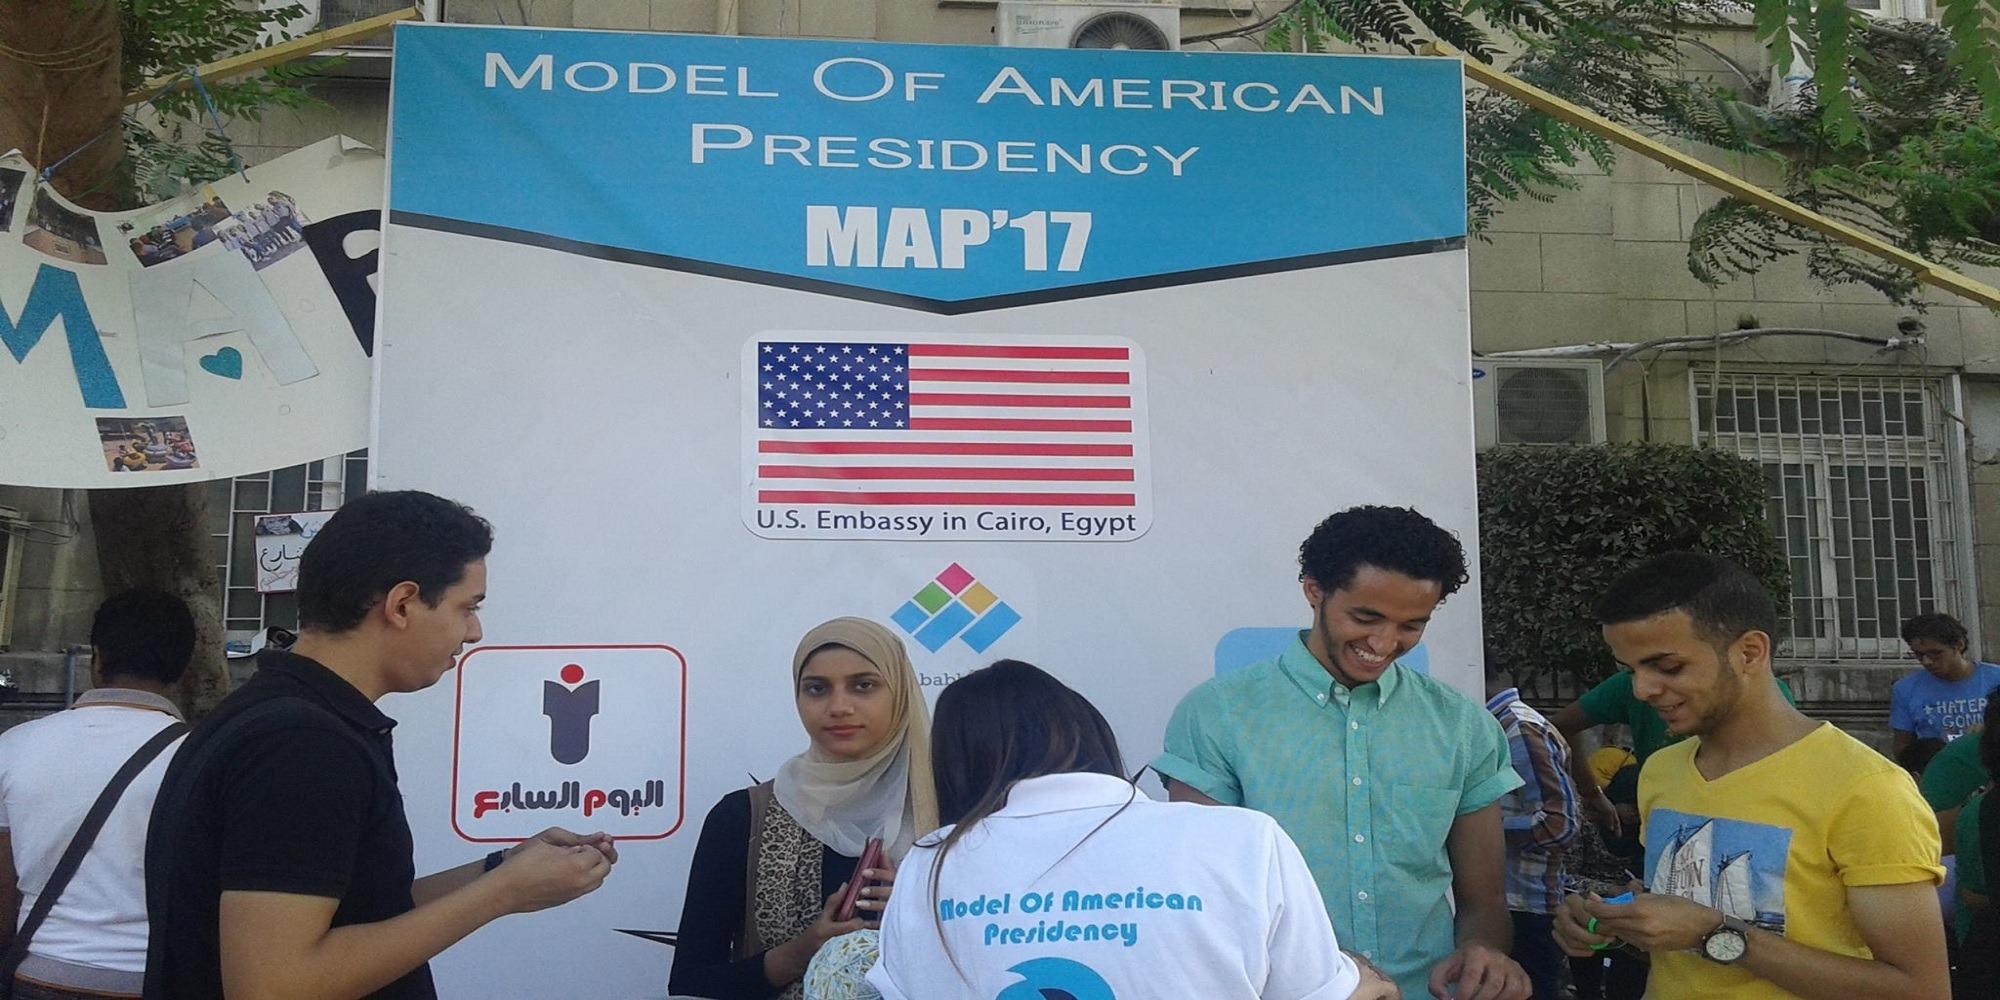 للطلاب.. عايز تبقى وزير في أمريكا «MAP» هيوصلك